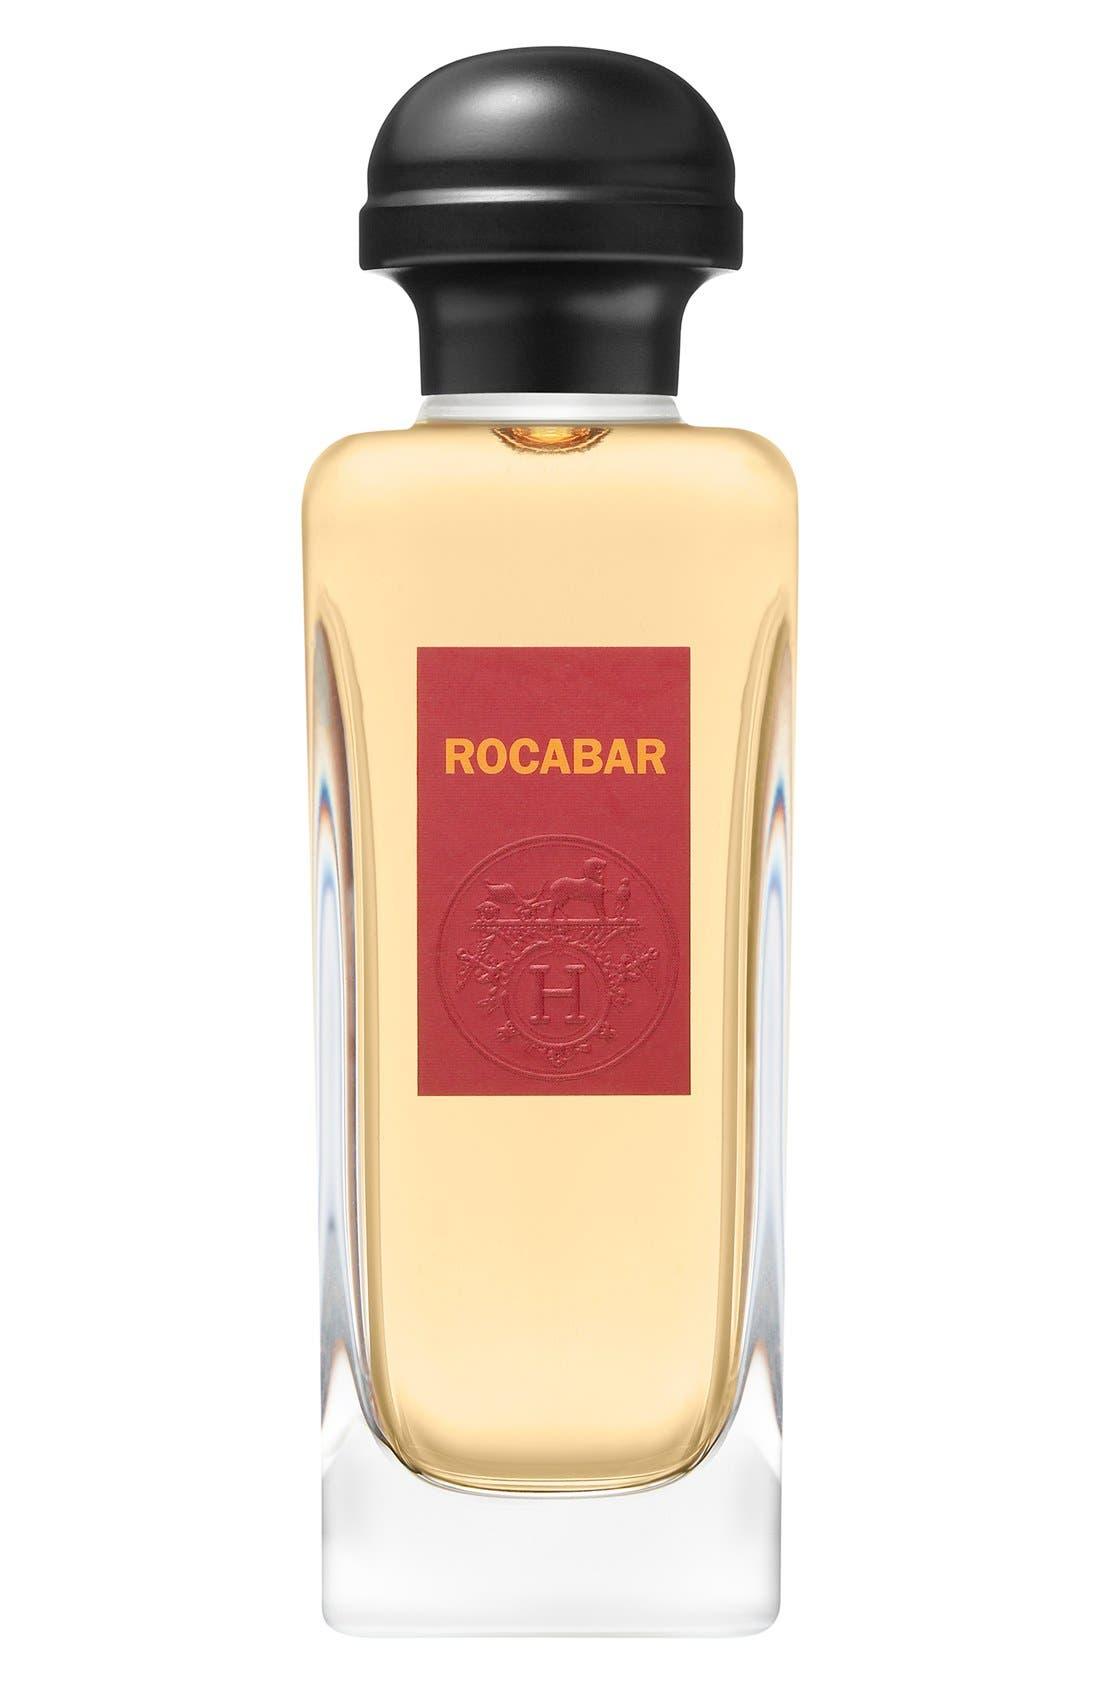 Hermès Rocabar - Eau de toilette